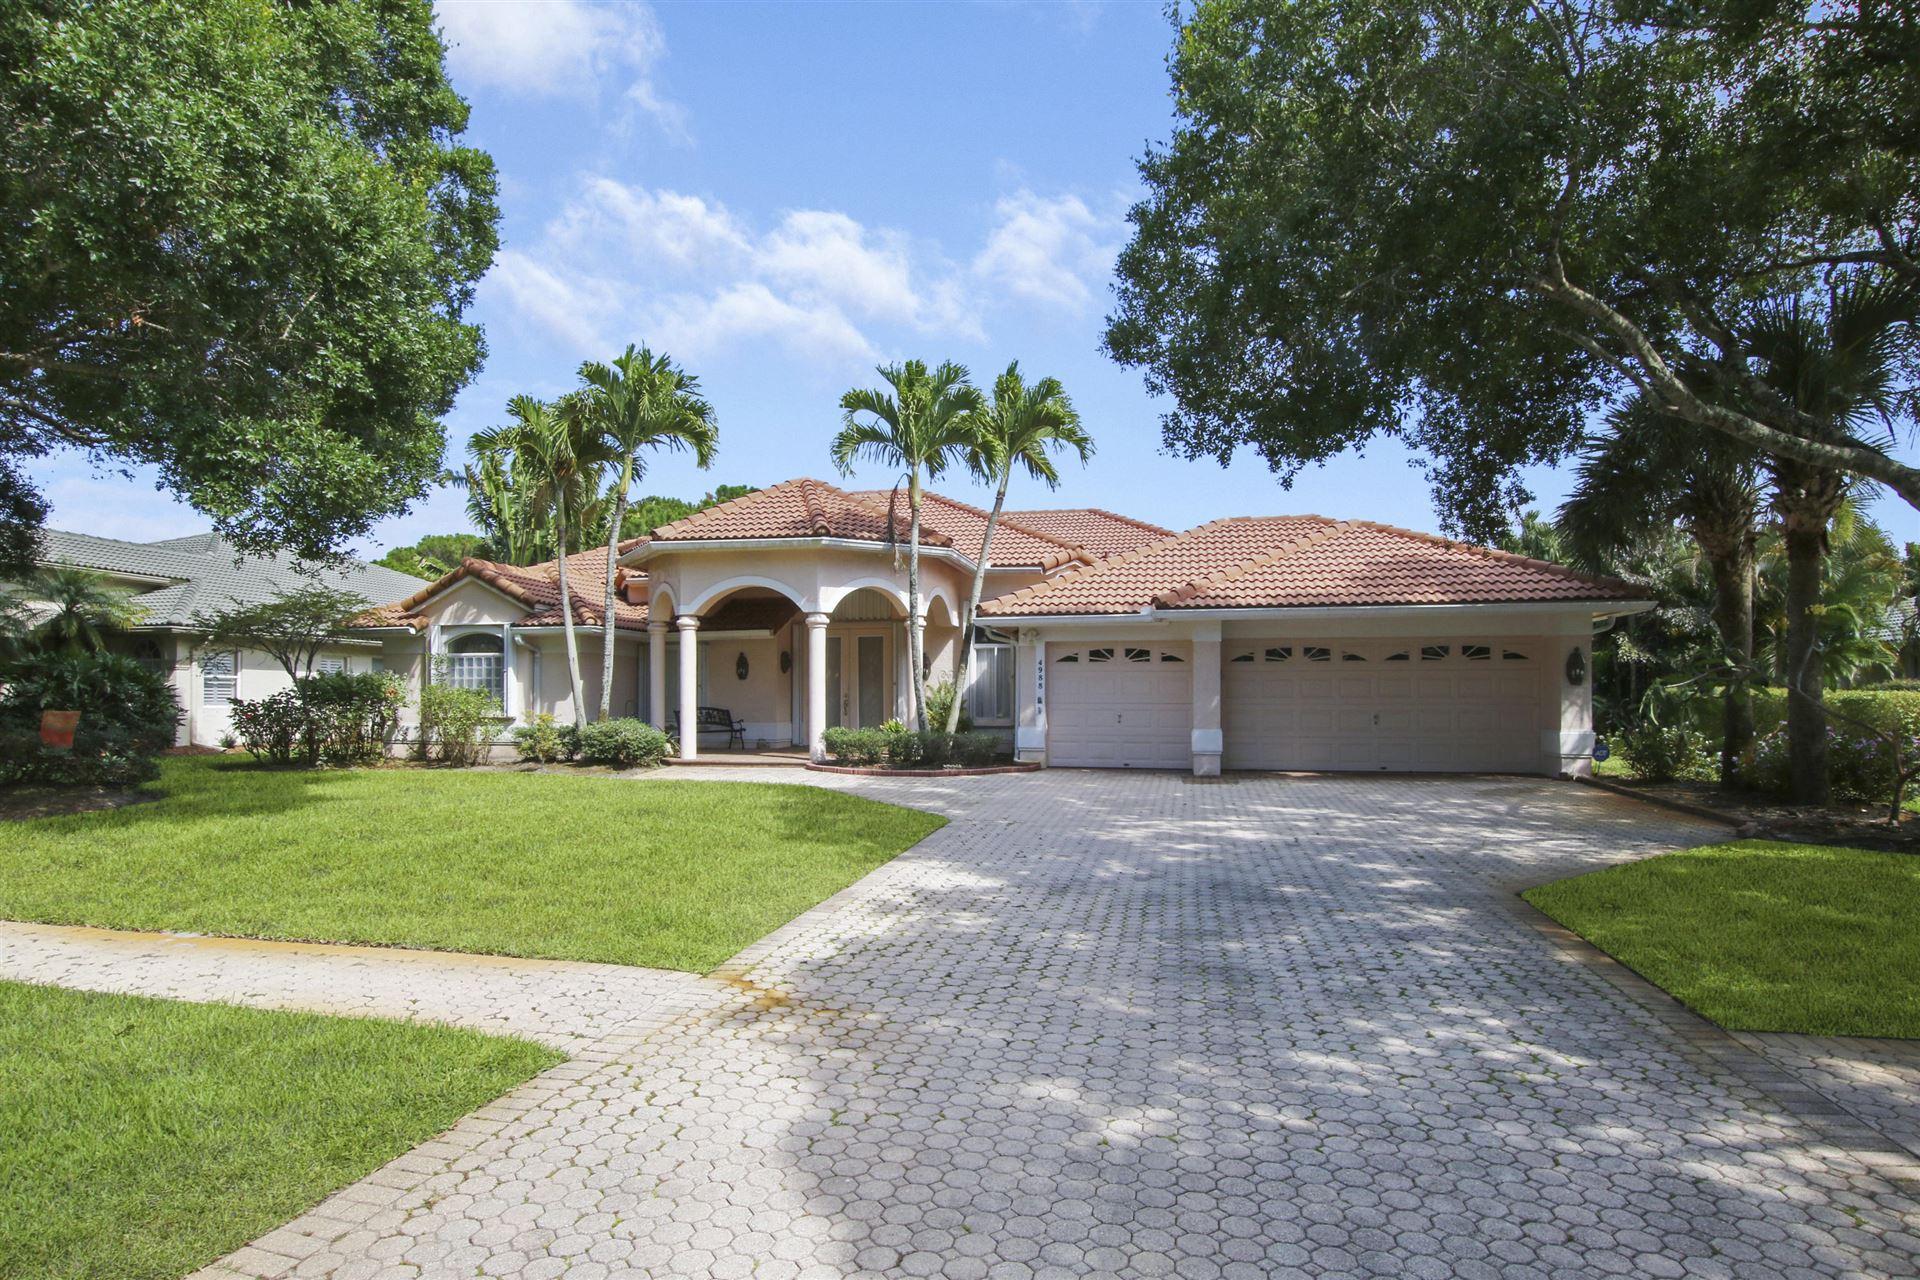 Photo of 4988 SW Hammock Creek Drive, Palm City, FL 34990 (MLS # RX-10718593)